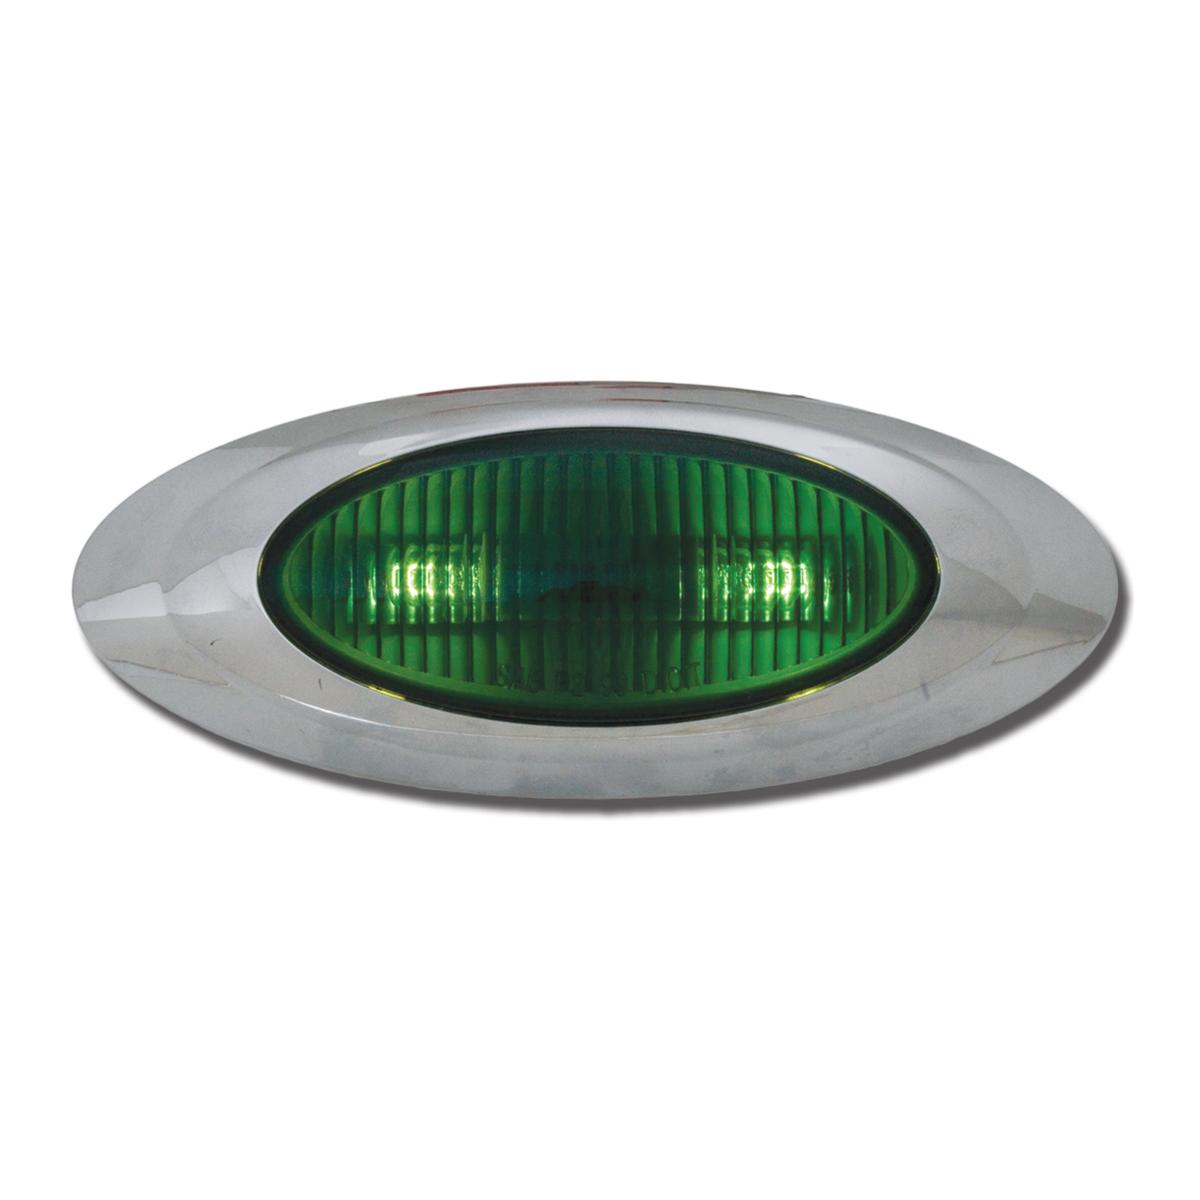 #77643 Plug In Y2K Marker Green Light - 2 Bulbs